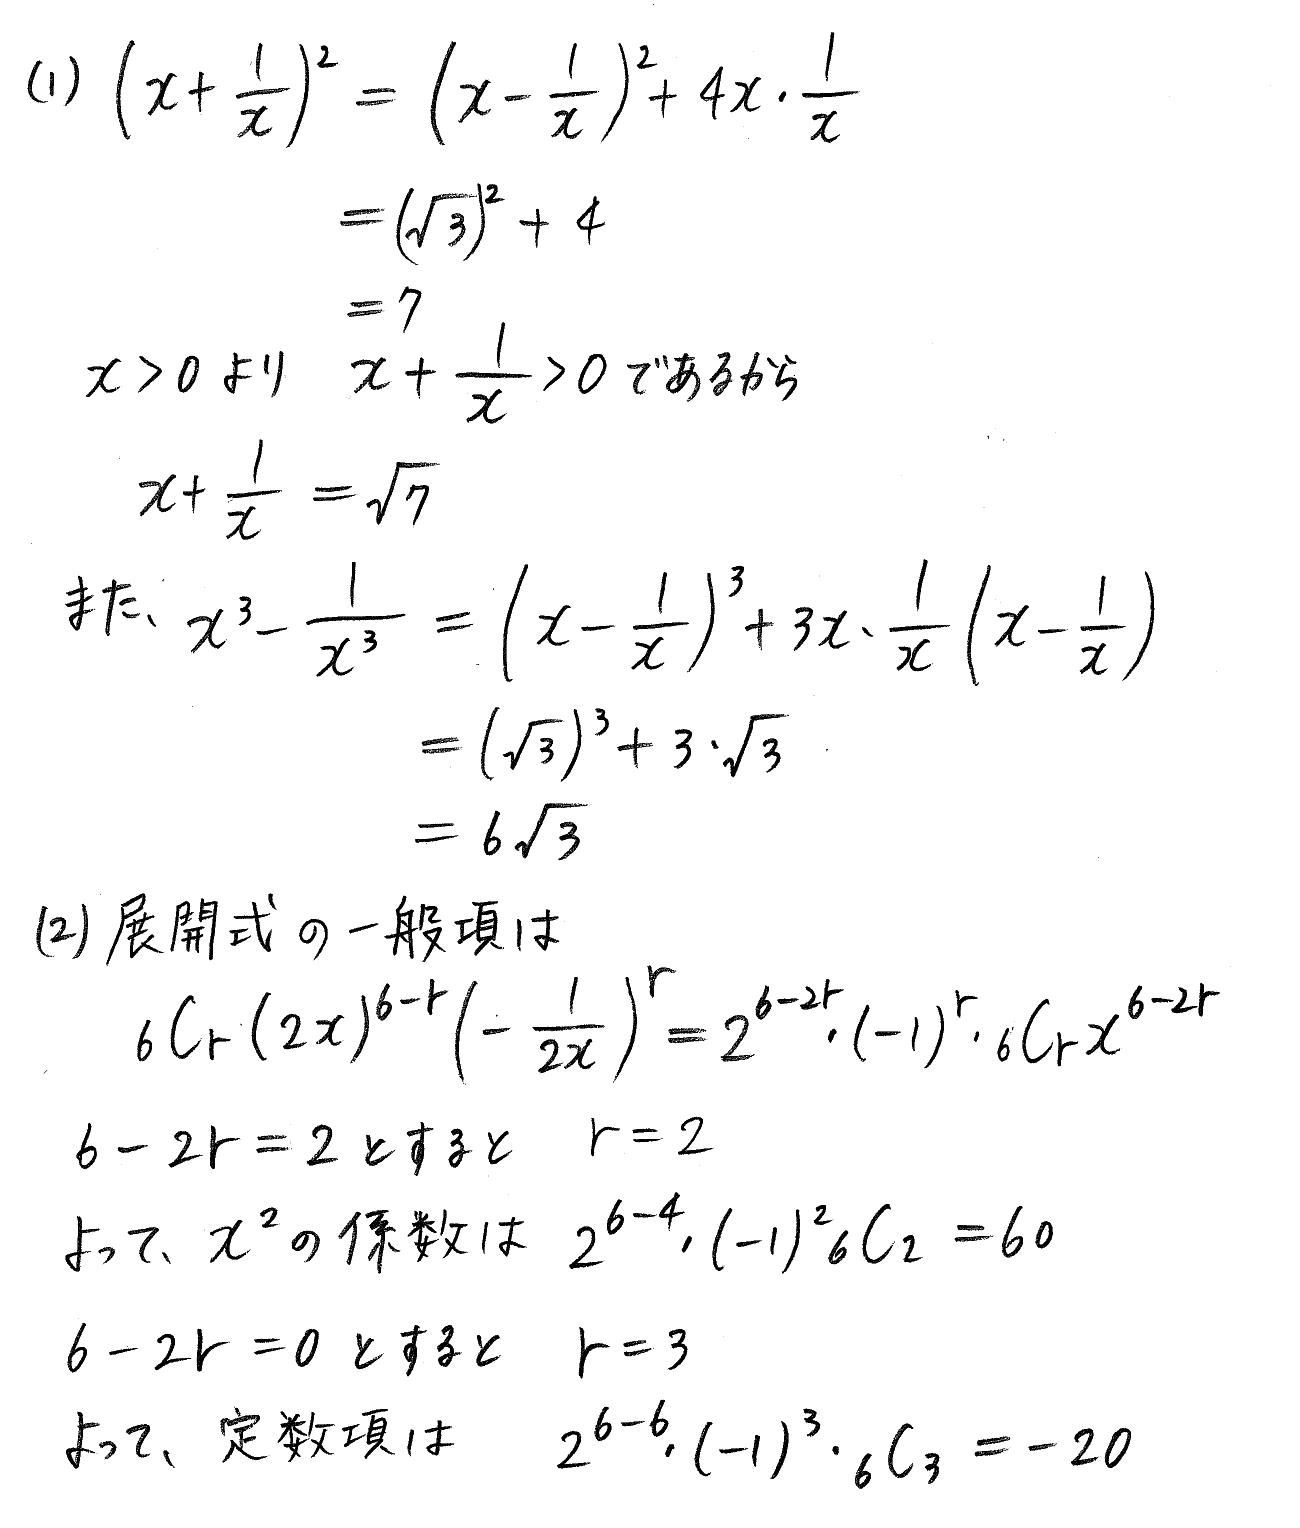 クリアー数学演習12AB受験編-49解答